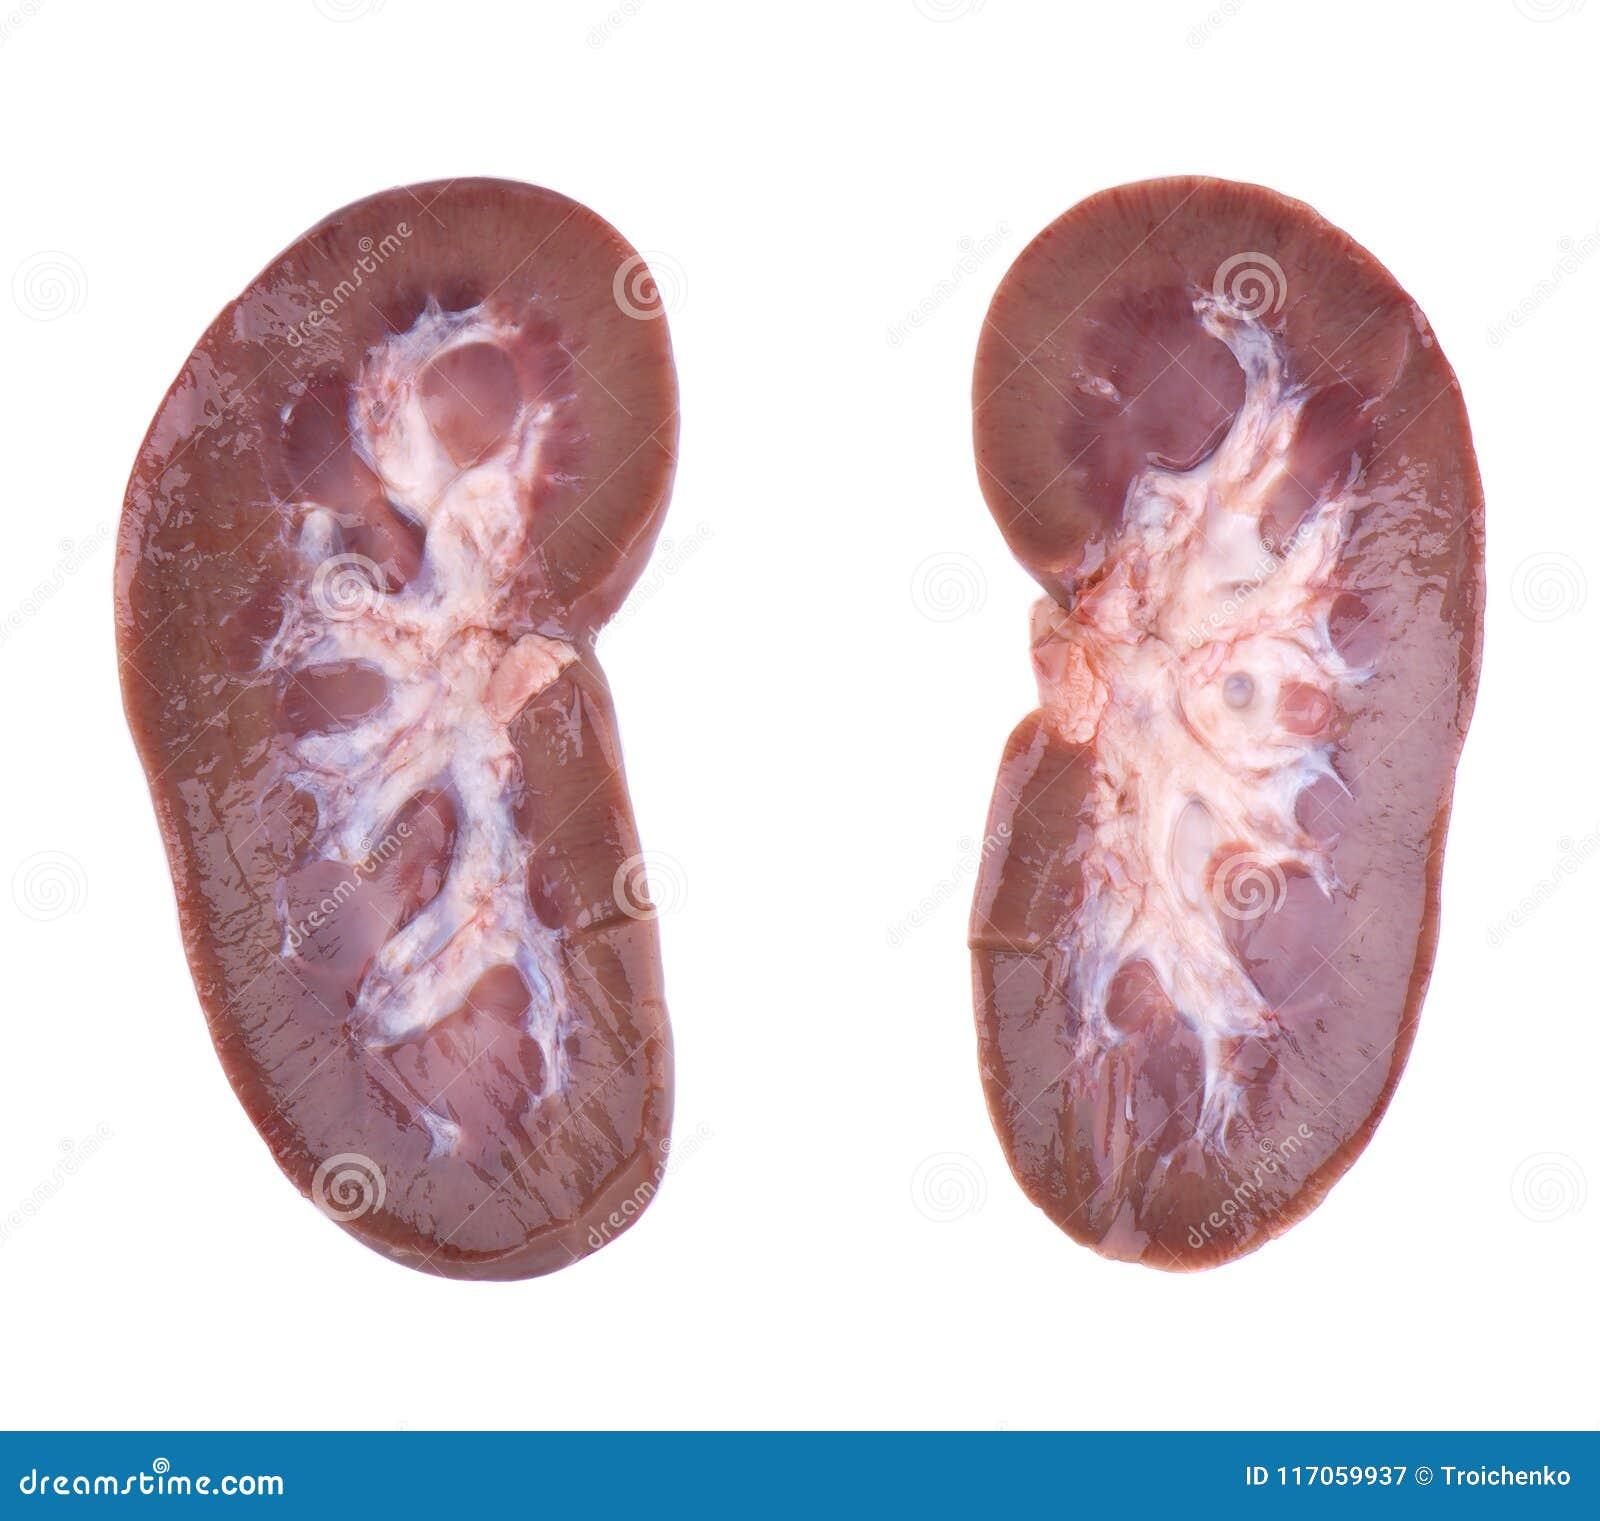 Excepcional La Anatomía Del Corazón De Cerdo Fetal Elaboración ...